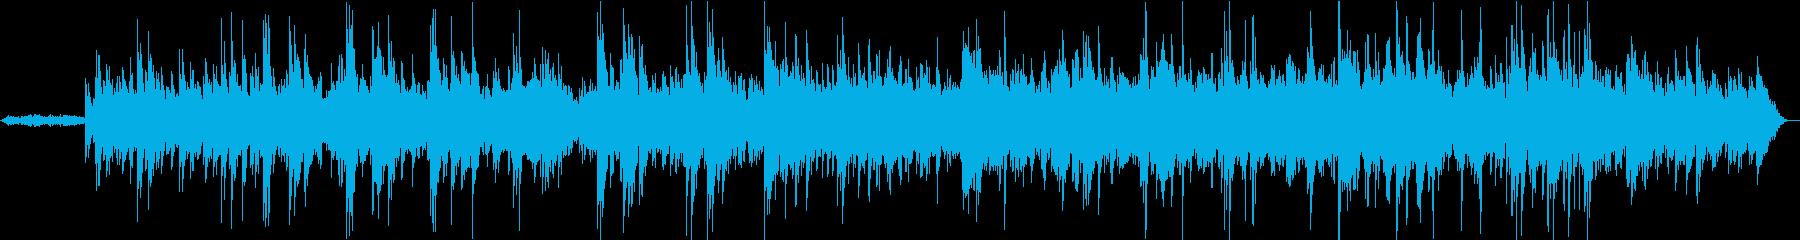 動画 感情的 やる気 ピアノ ロマ...の再生済みの波形